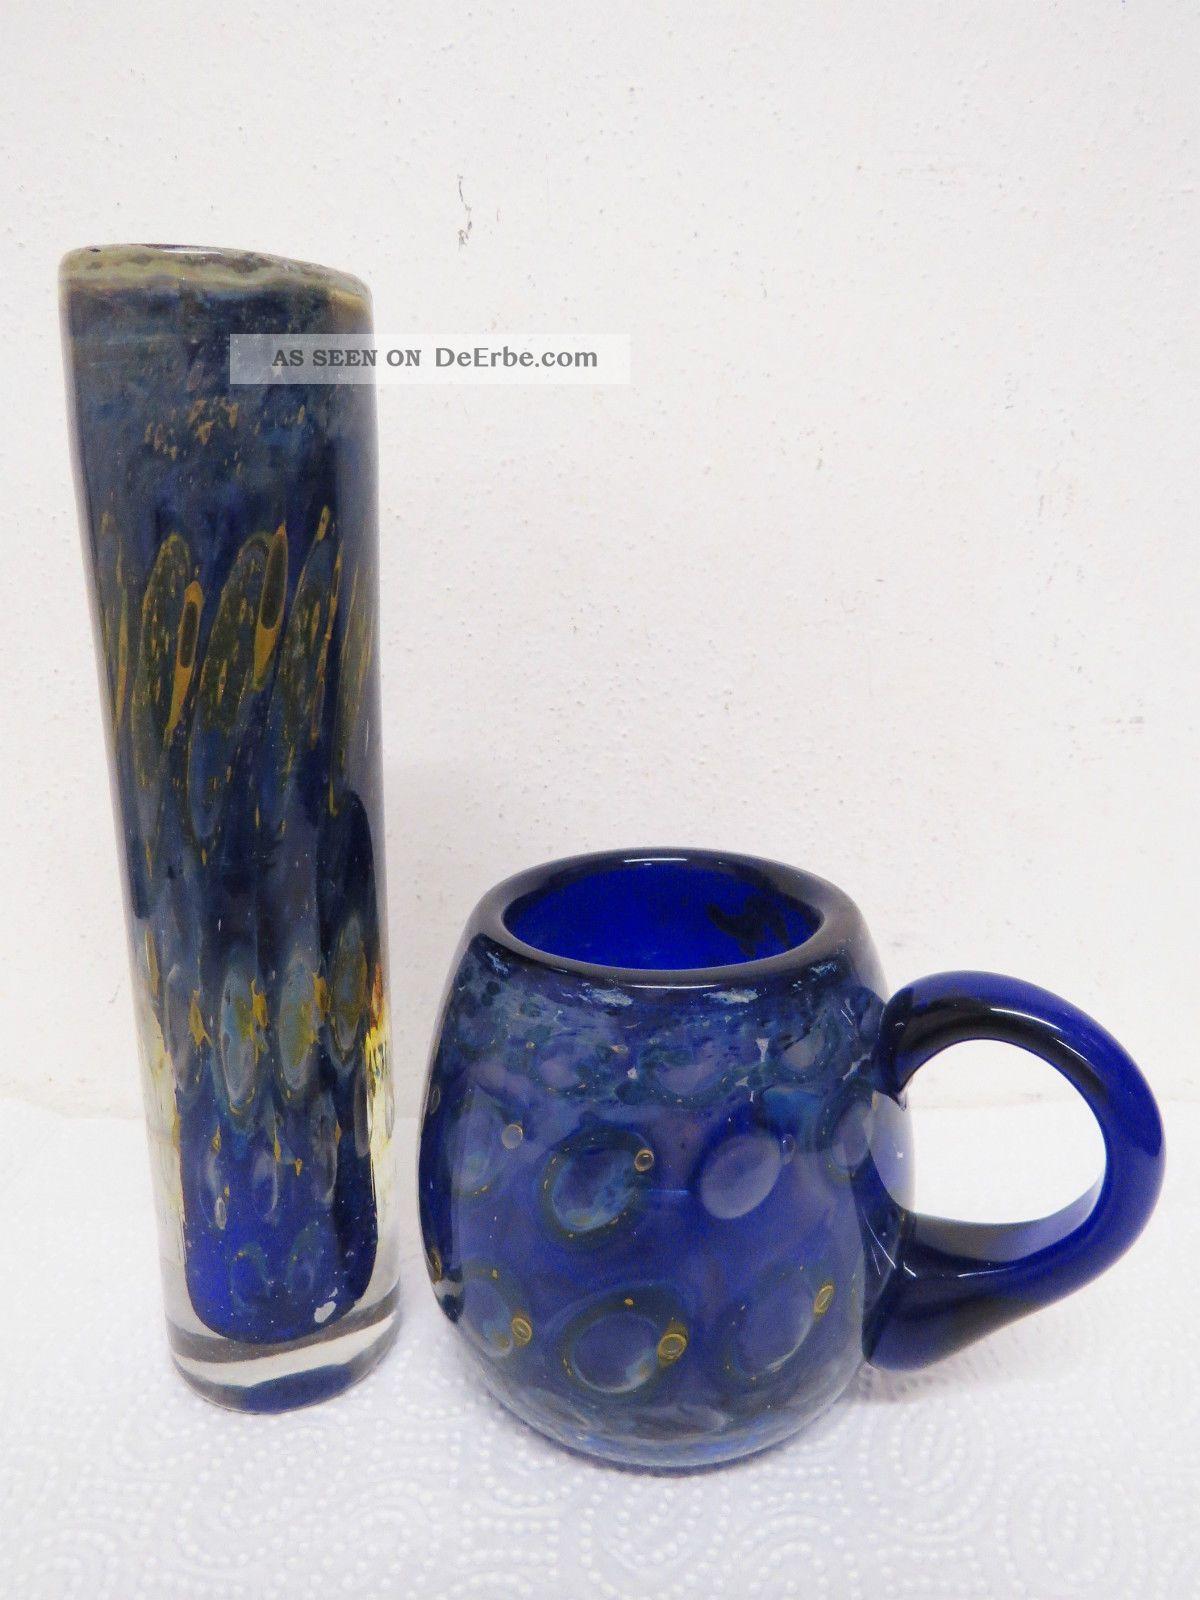 2 Teile Glas Eisch Signiert Tasse,  Vase Sehr Alt.  Glasvase Glastasse Glas & Kristall Bild